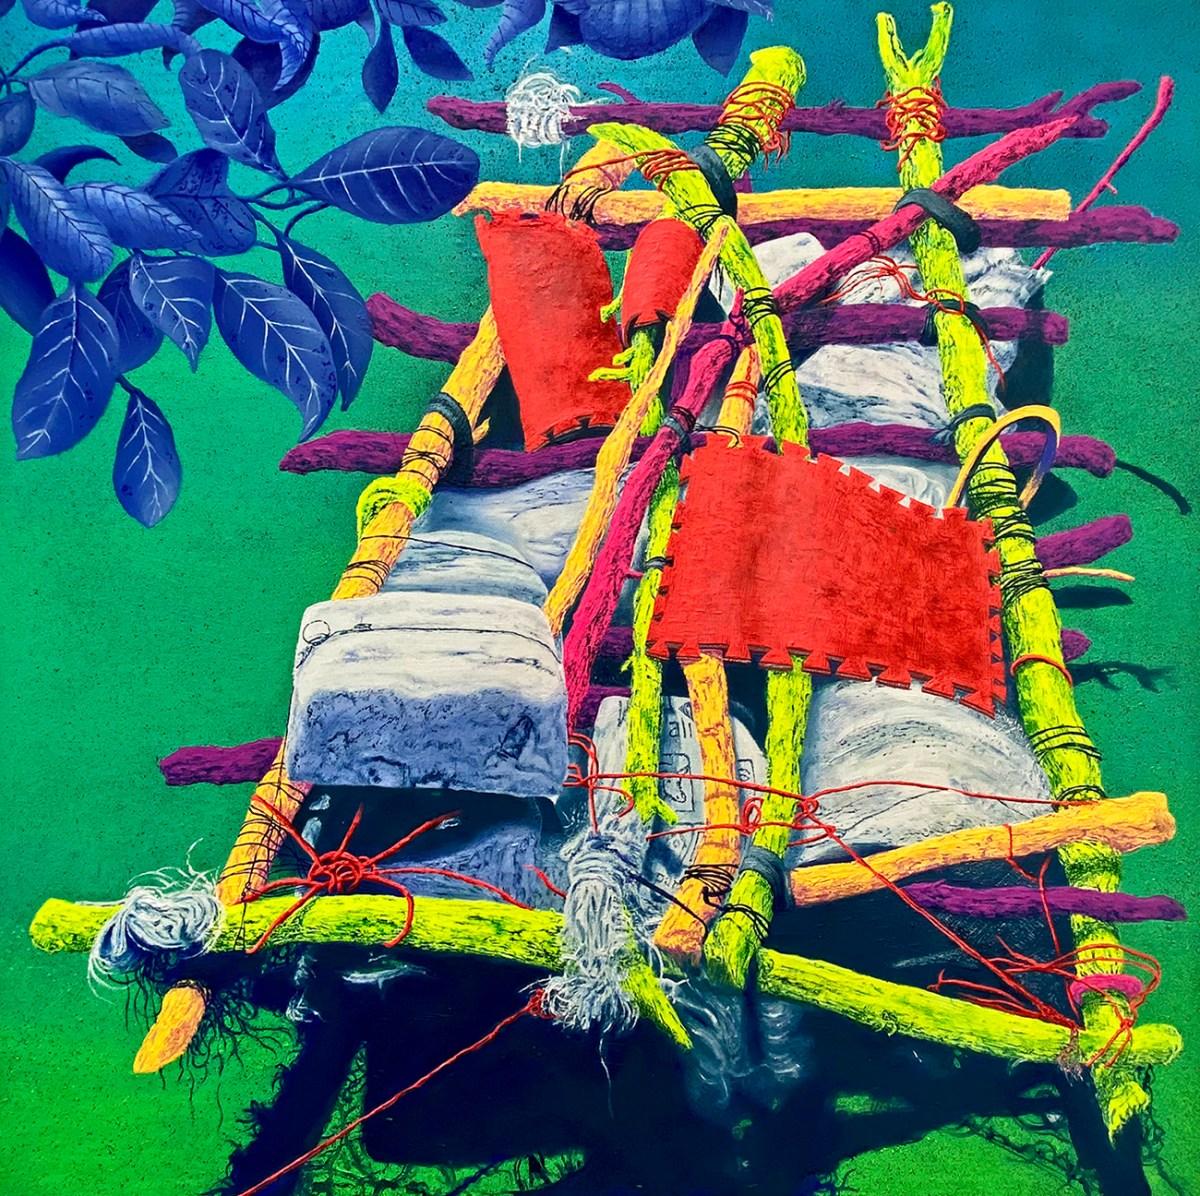 Pintura al óleo sobre lienzo del artista Santiago Robles